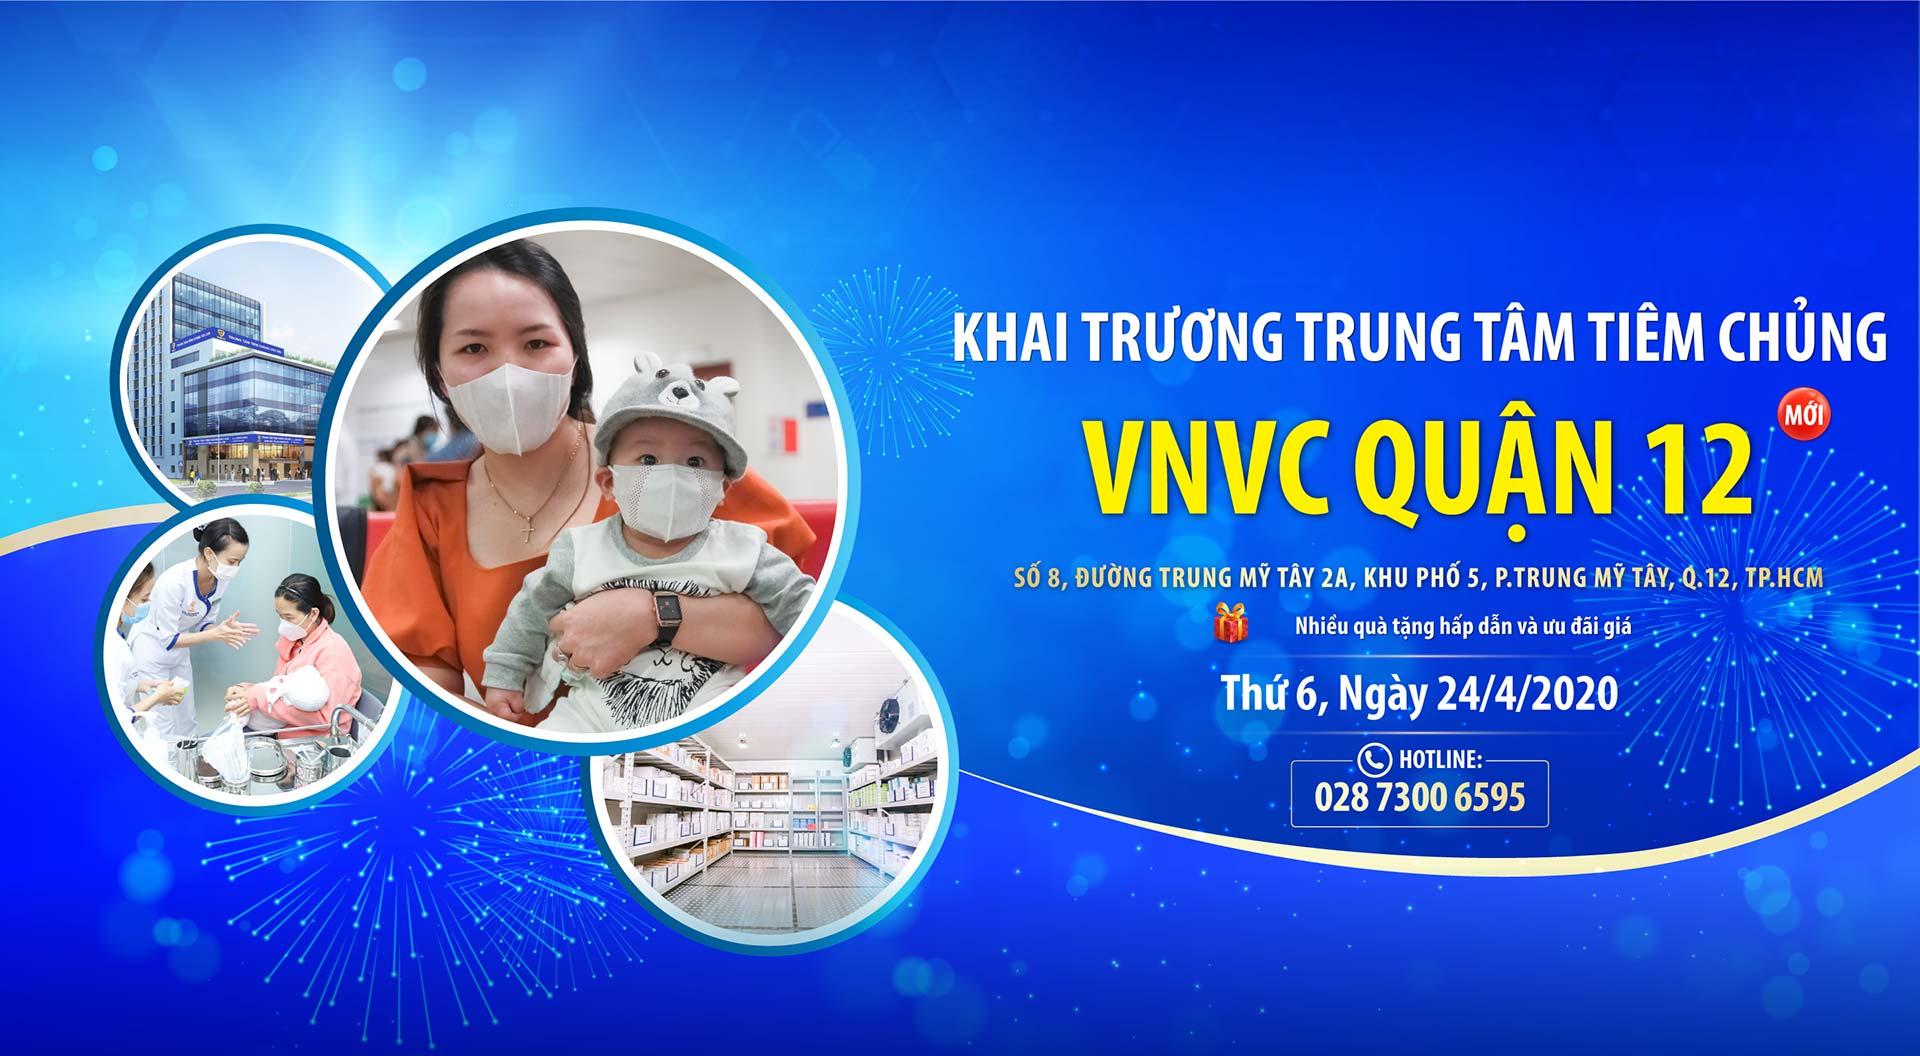 Khai trương trung tâm tiêm chủng VNVC quận 12 desk1